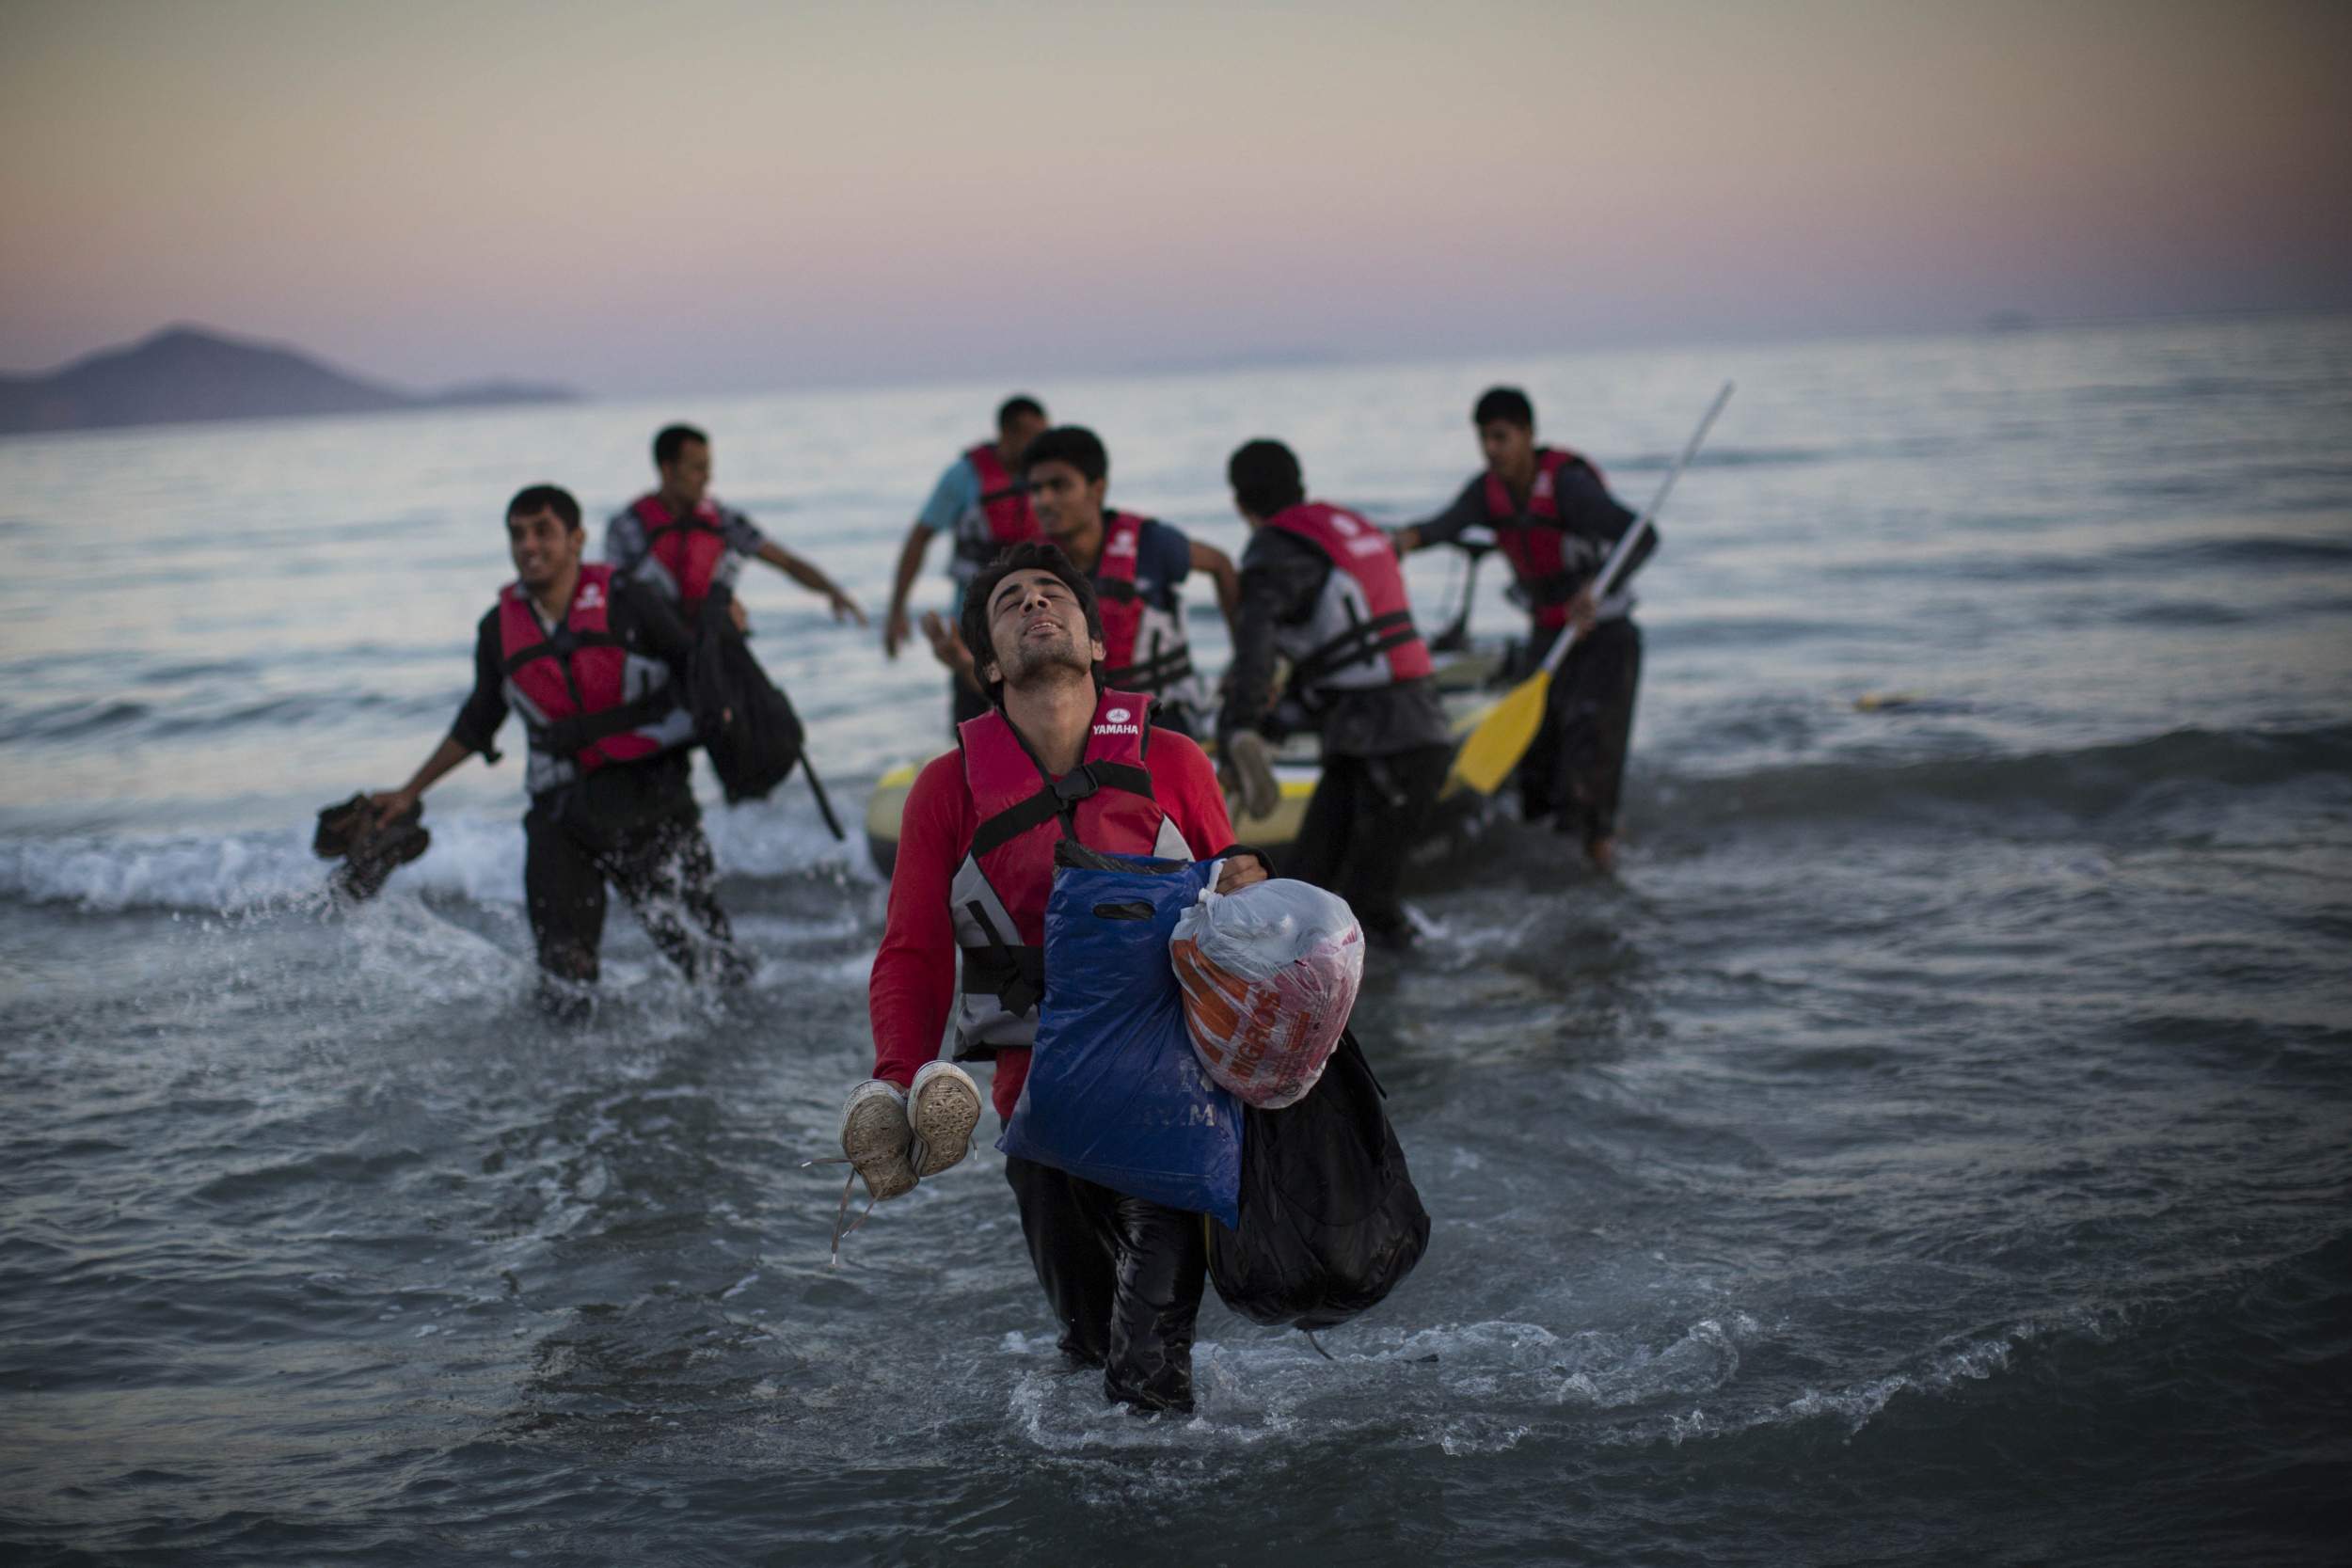 Focus: Οι 4 λόγοι για τους οποίους η Ευρώπη πρέπει να στηρίξει την Ελλάδα στο προσφυγικό